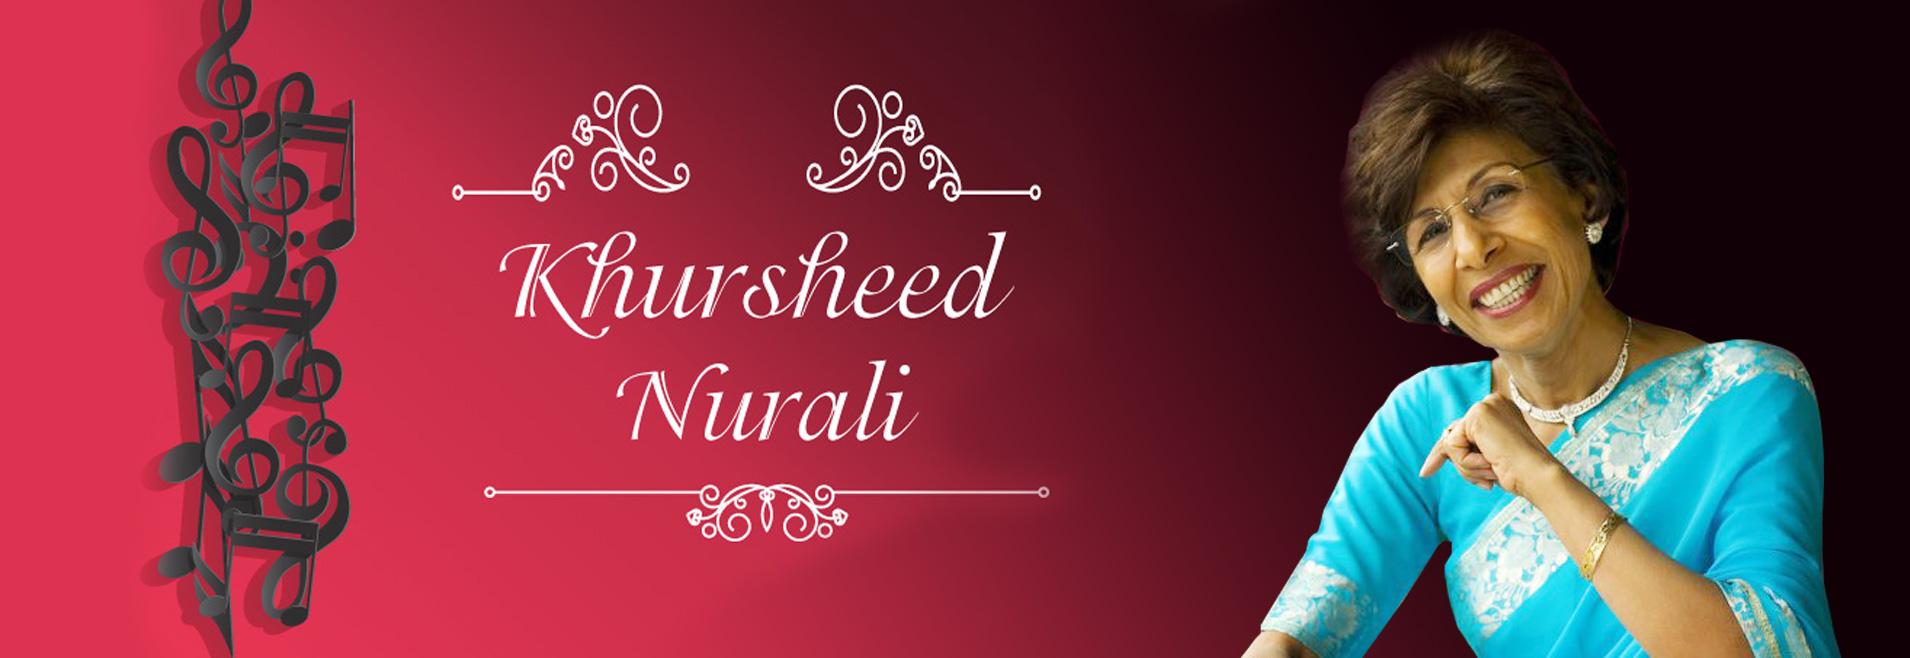 Khursheed Nurali